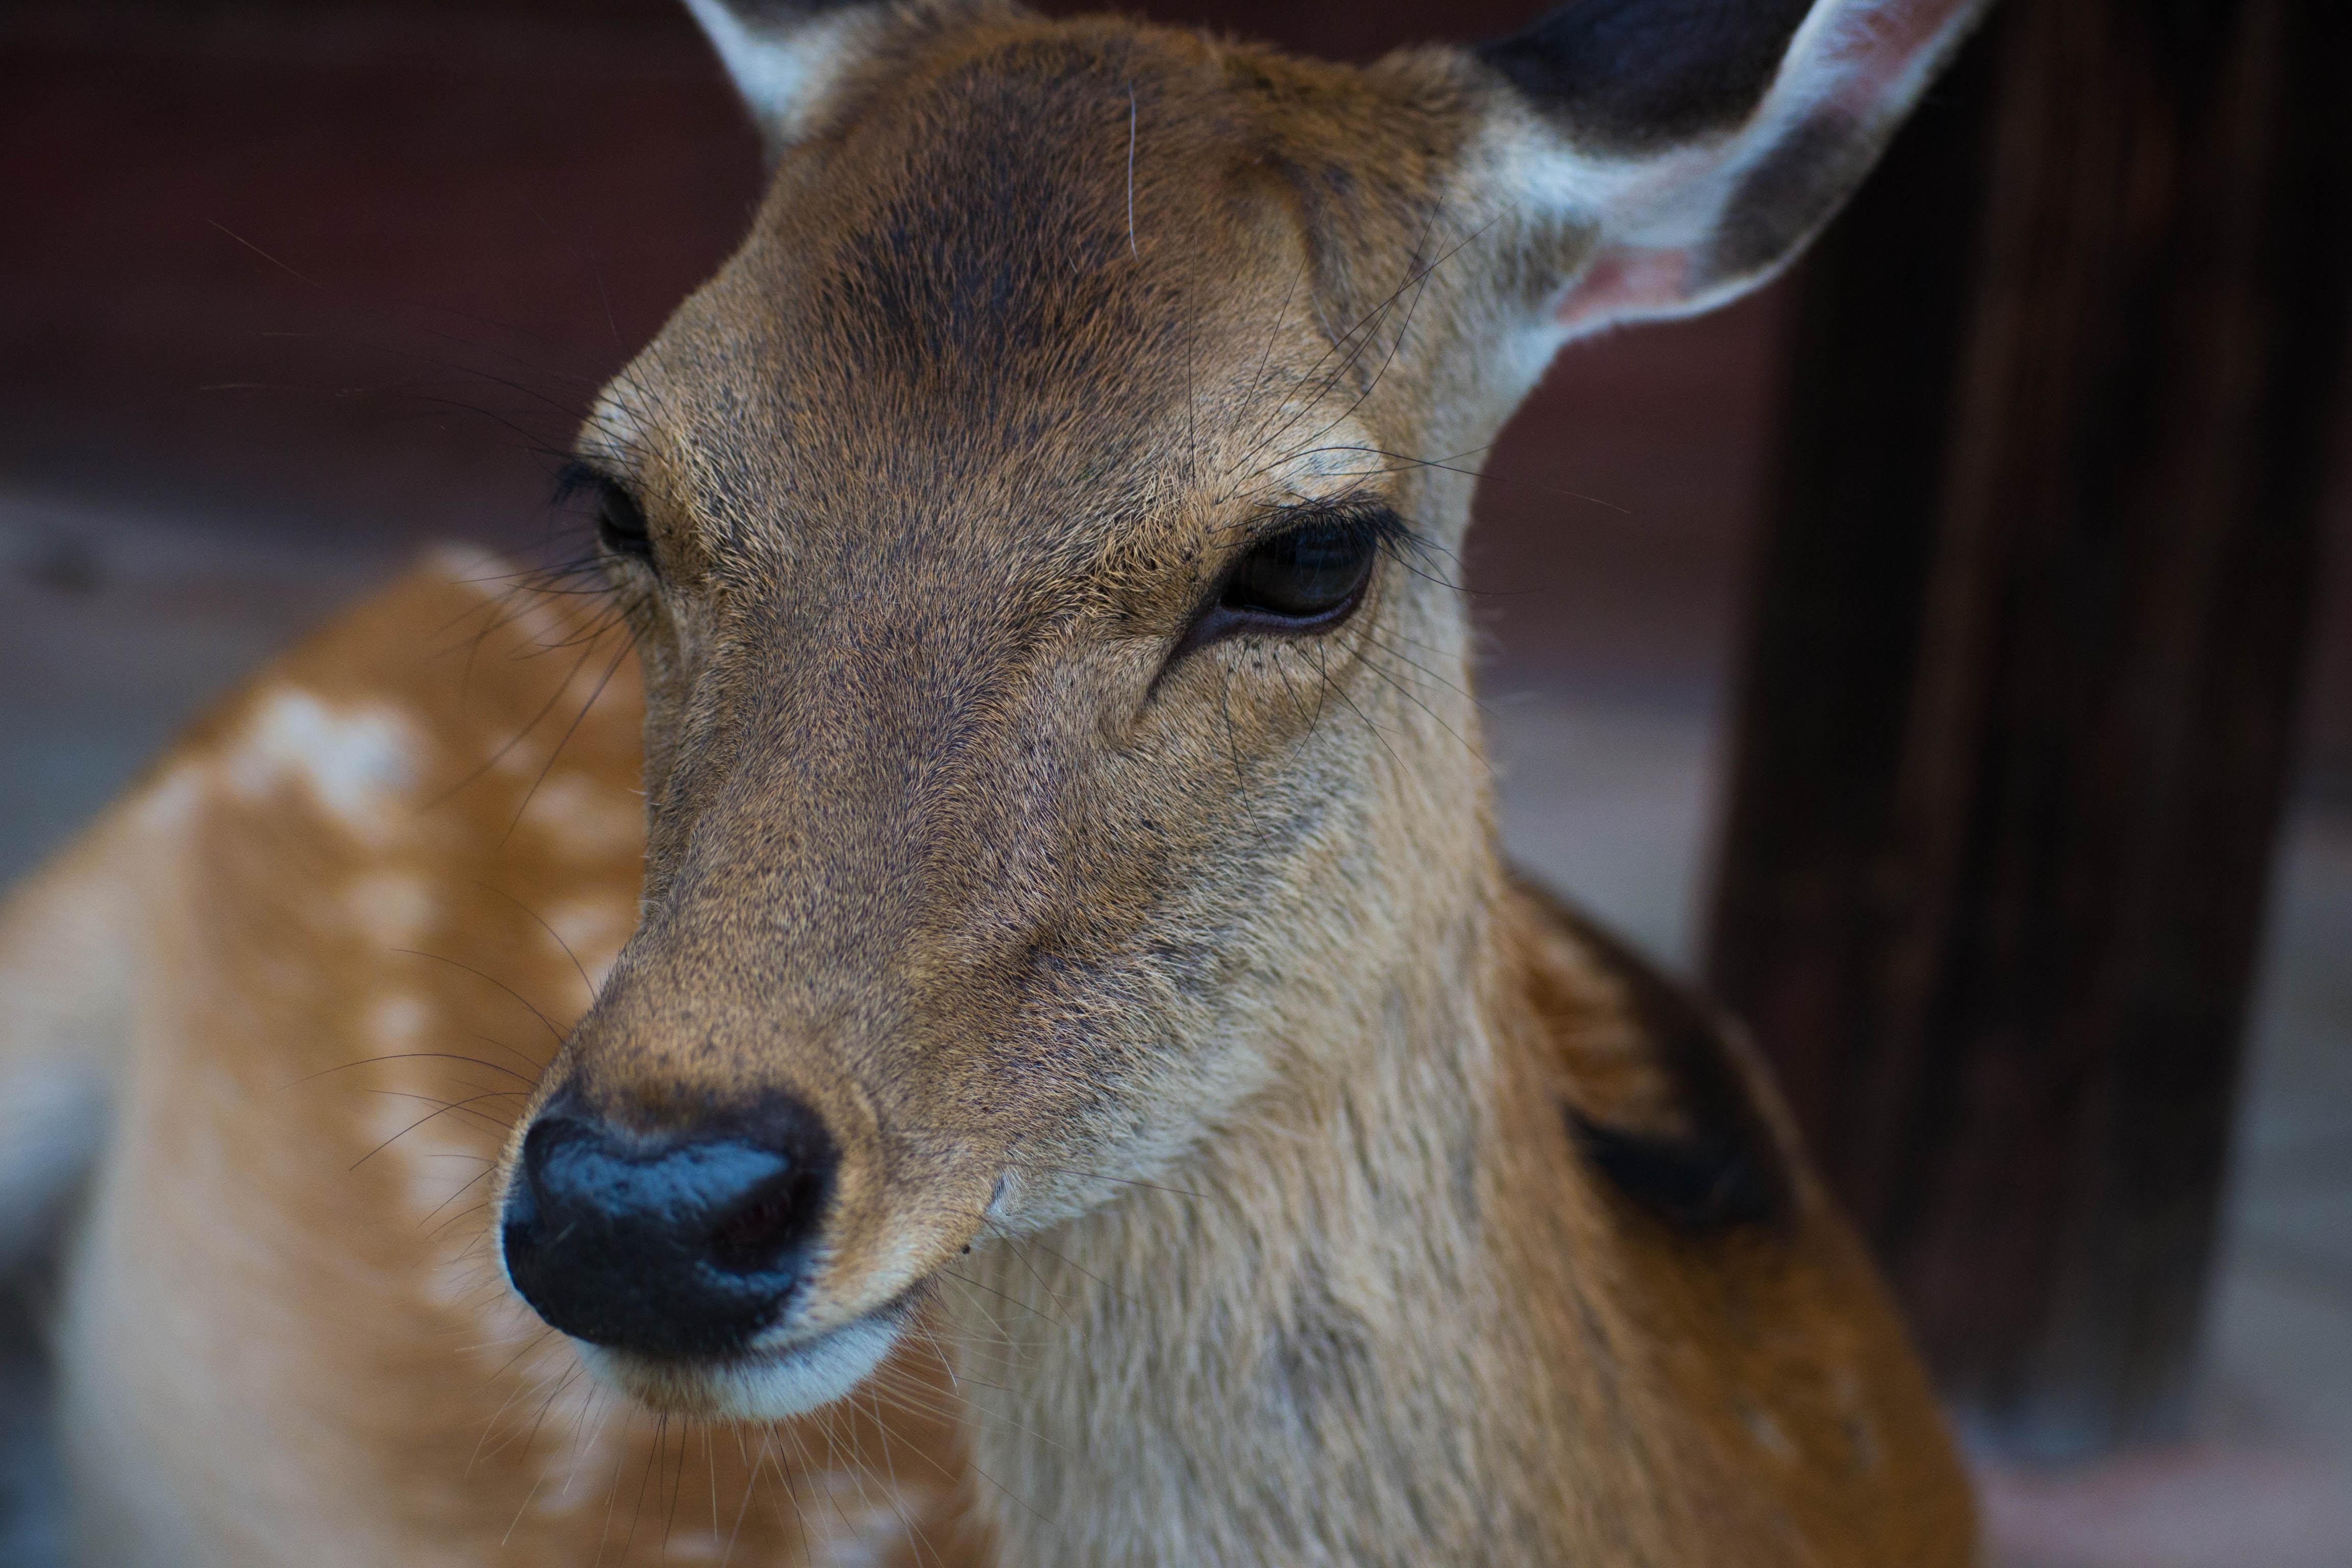 奈良公園周辺のランチおすすめスポット11選!オシャレなカフェなど紹介